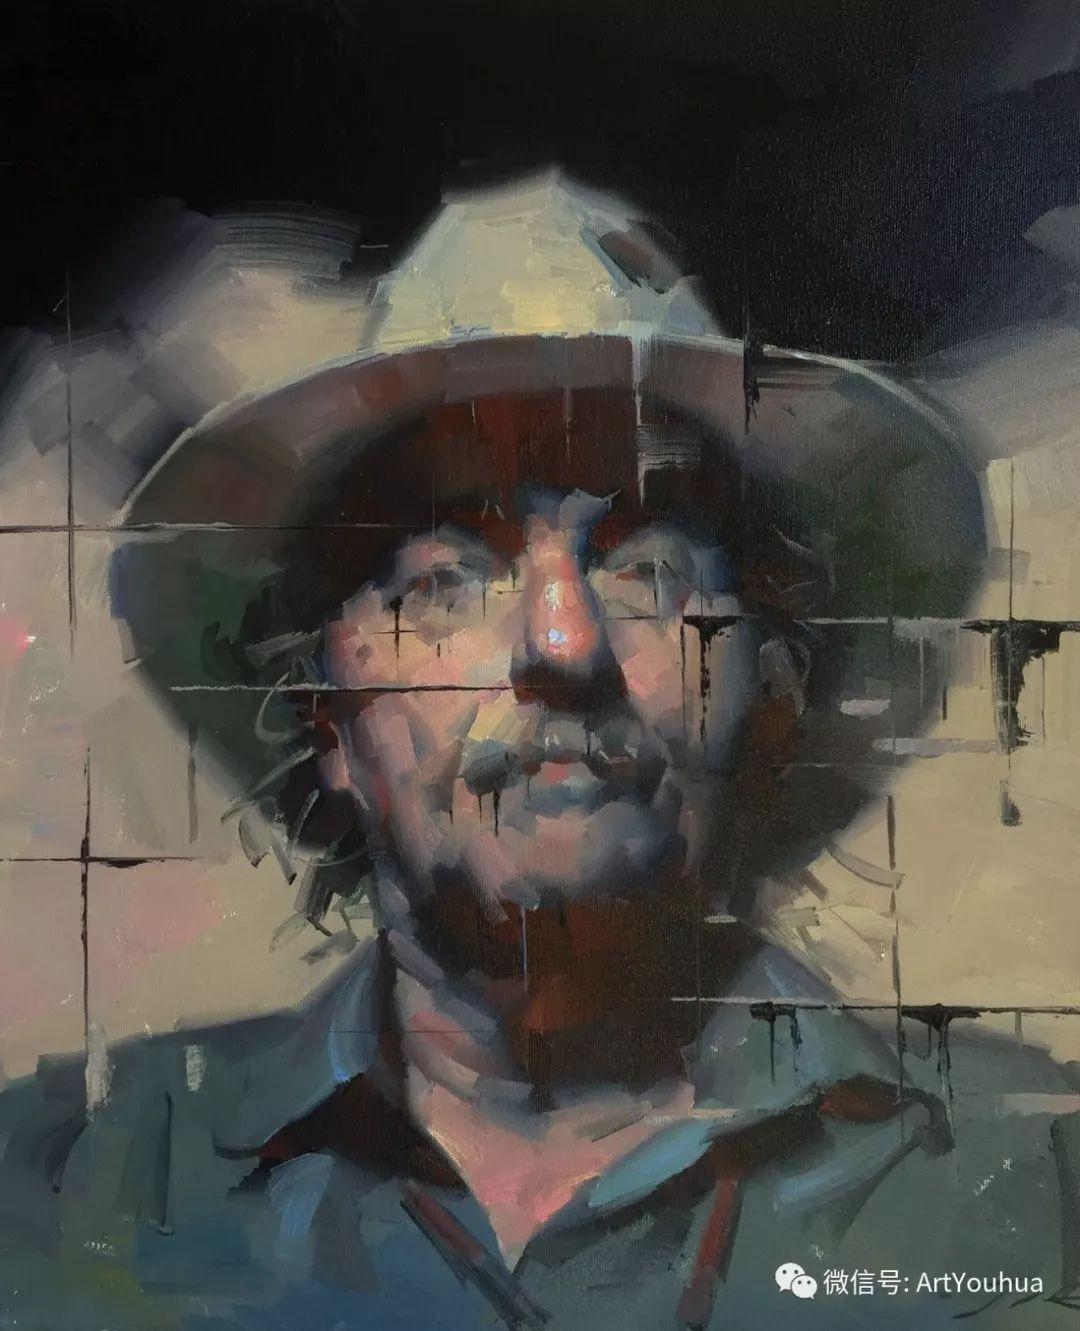 他的人物肖像绘画独具一格 还是位80后画家插图17